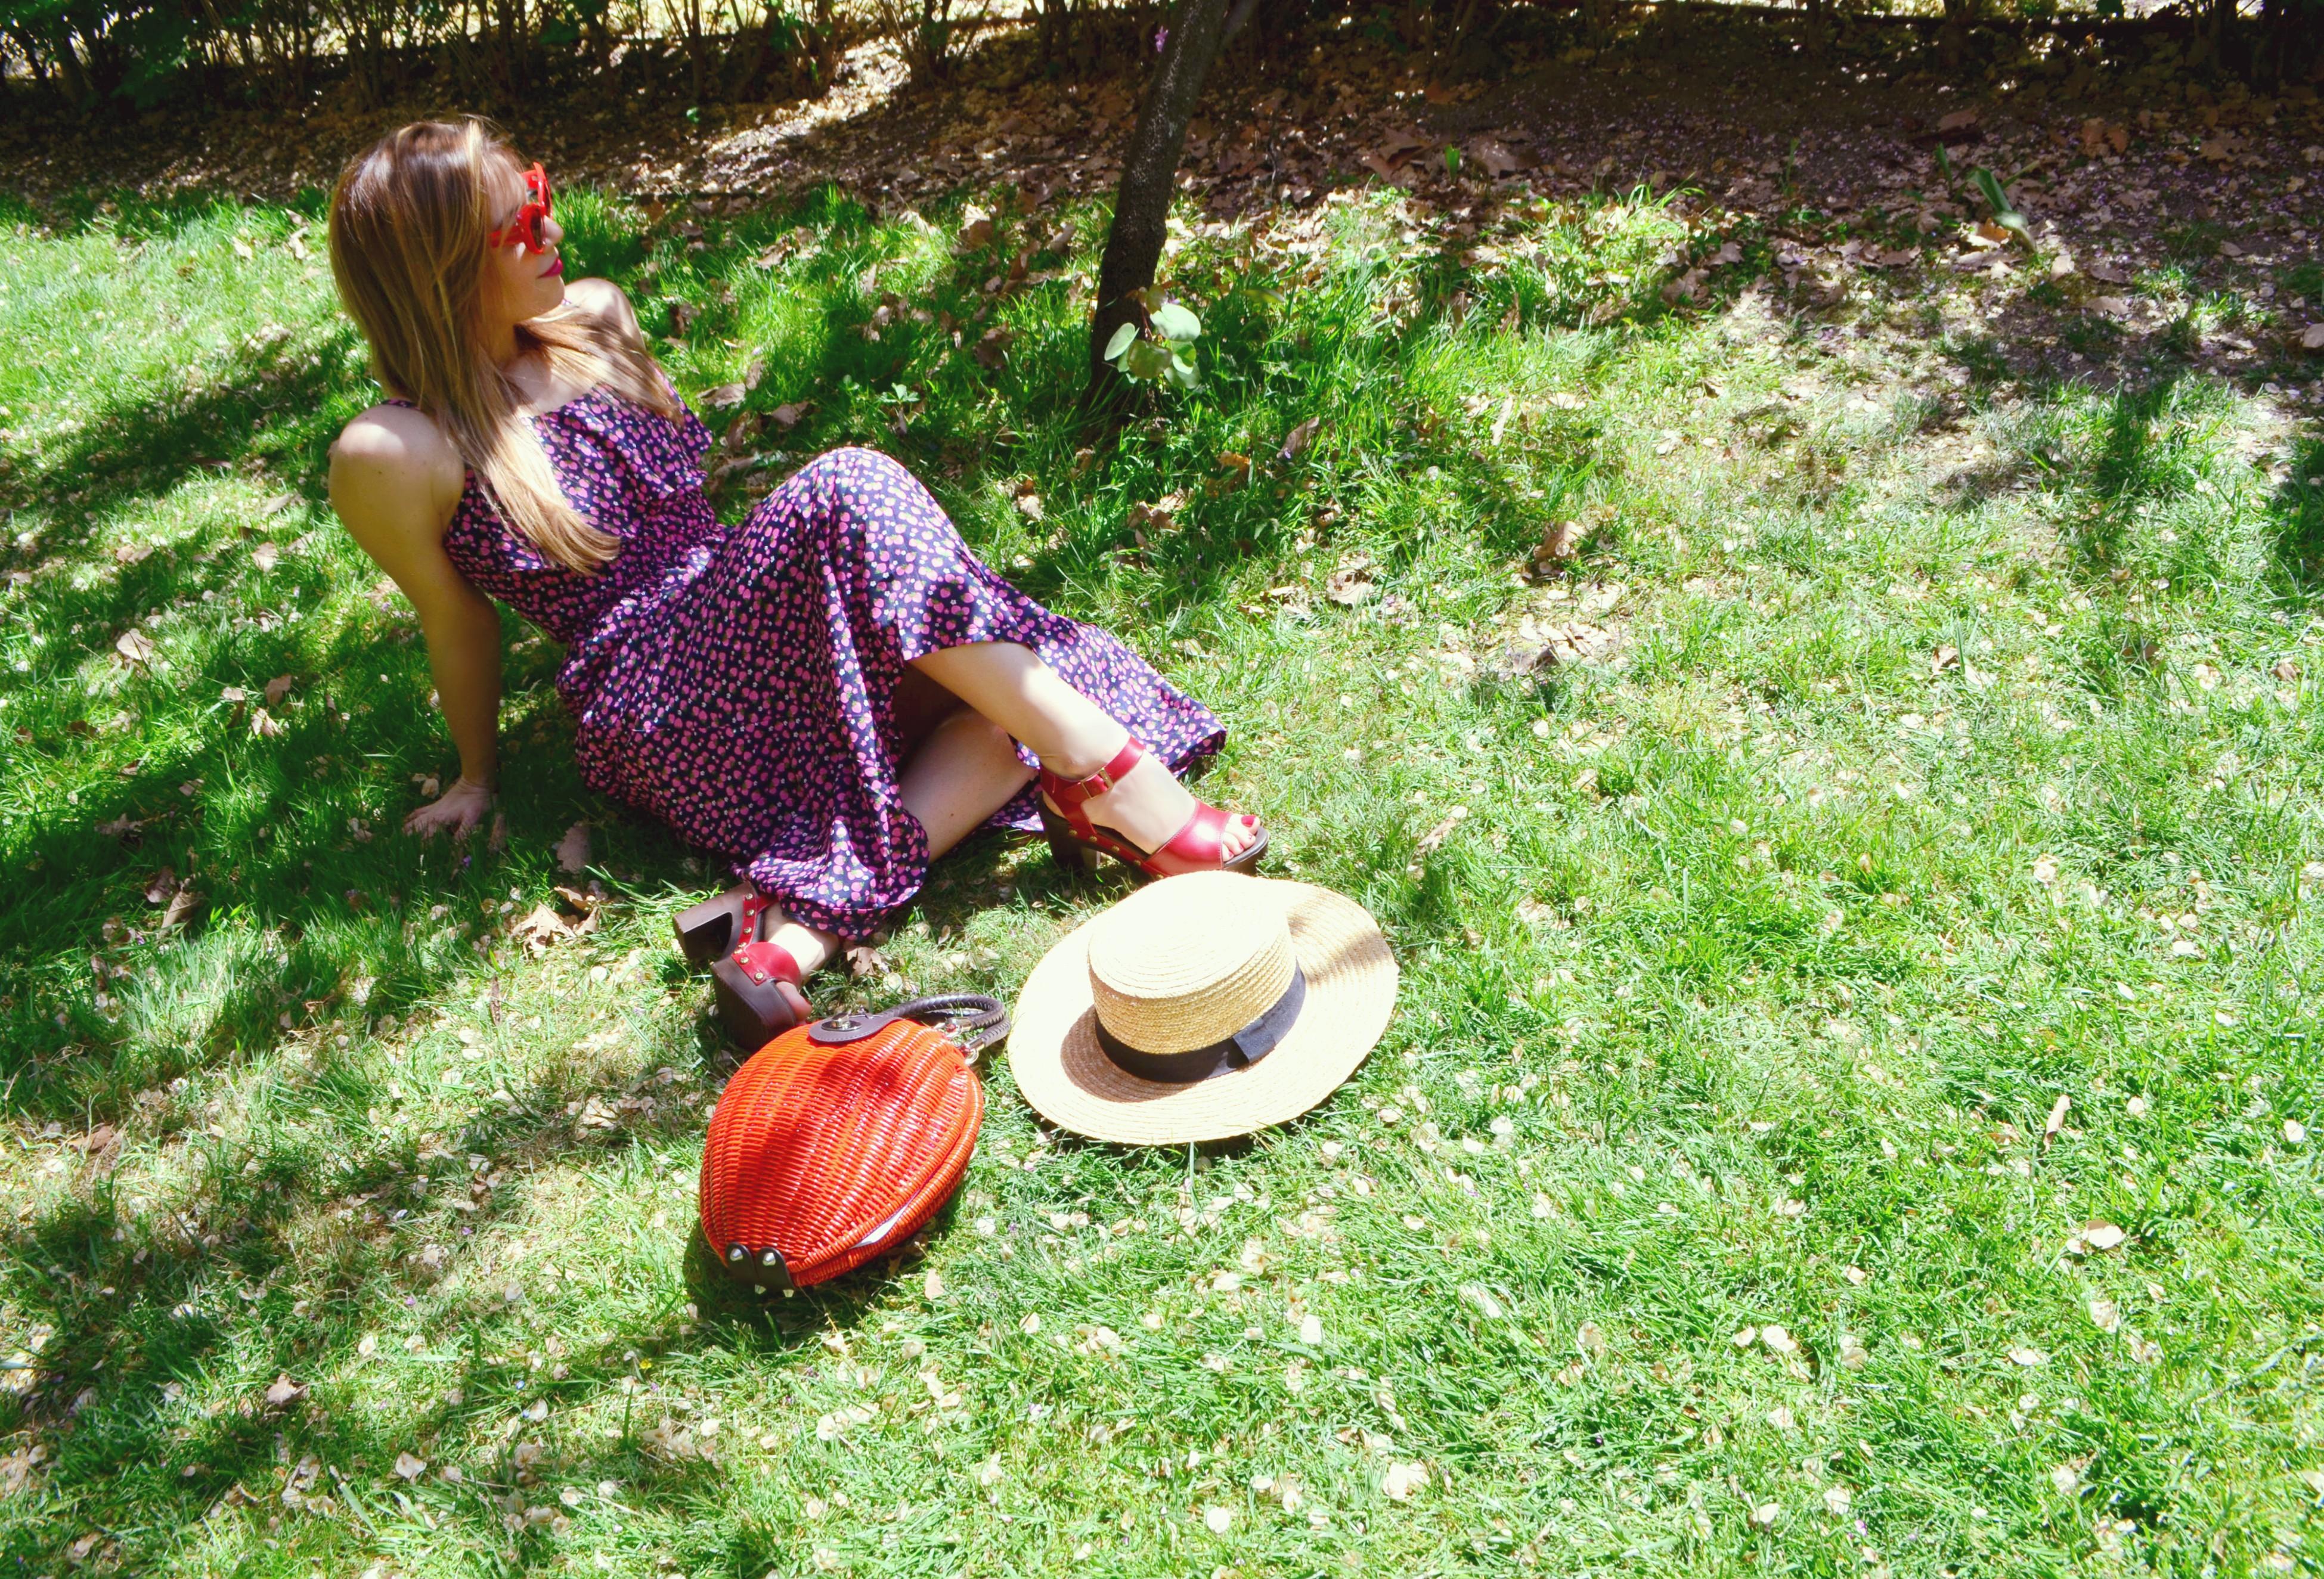 ChicAdicta-influencer-Madrid-blog-de-moda-Chic-Adicta-canotier-look-vestido-de-primavera-trakabarraka-gafas-retro-PiensaenChic-Piensa-en-Chic